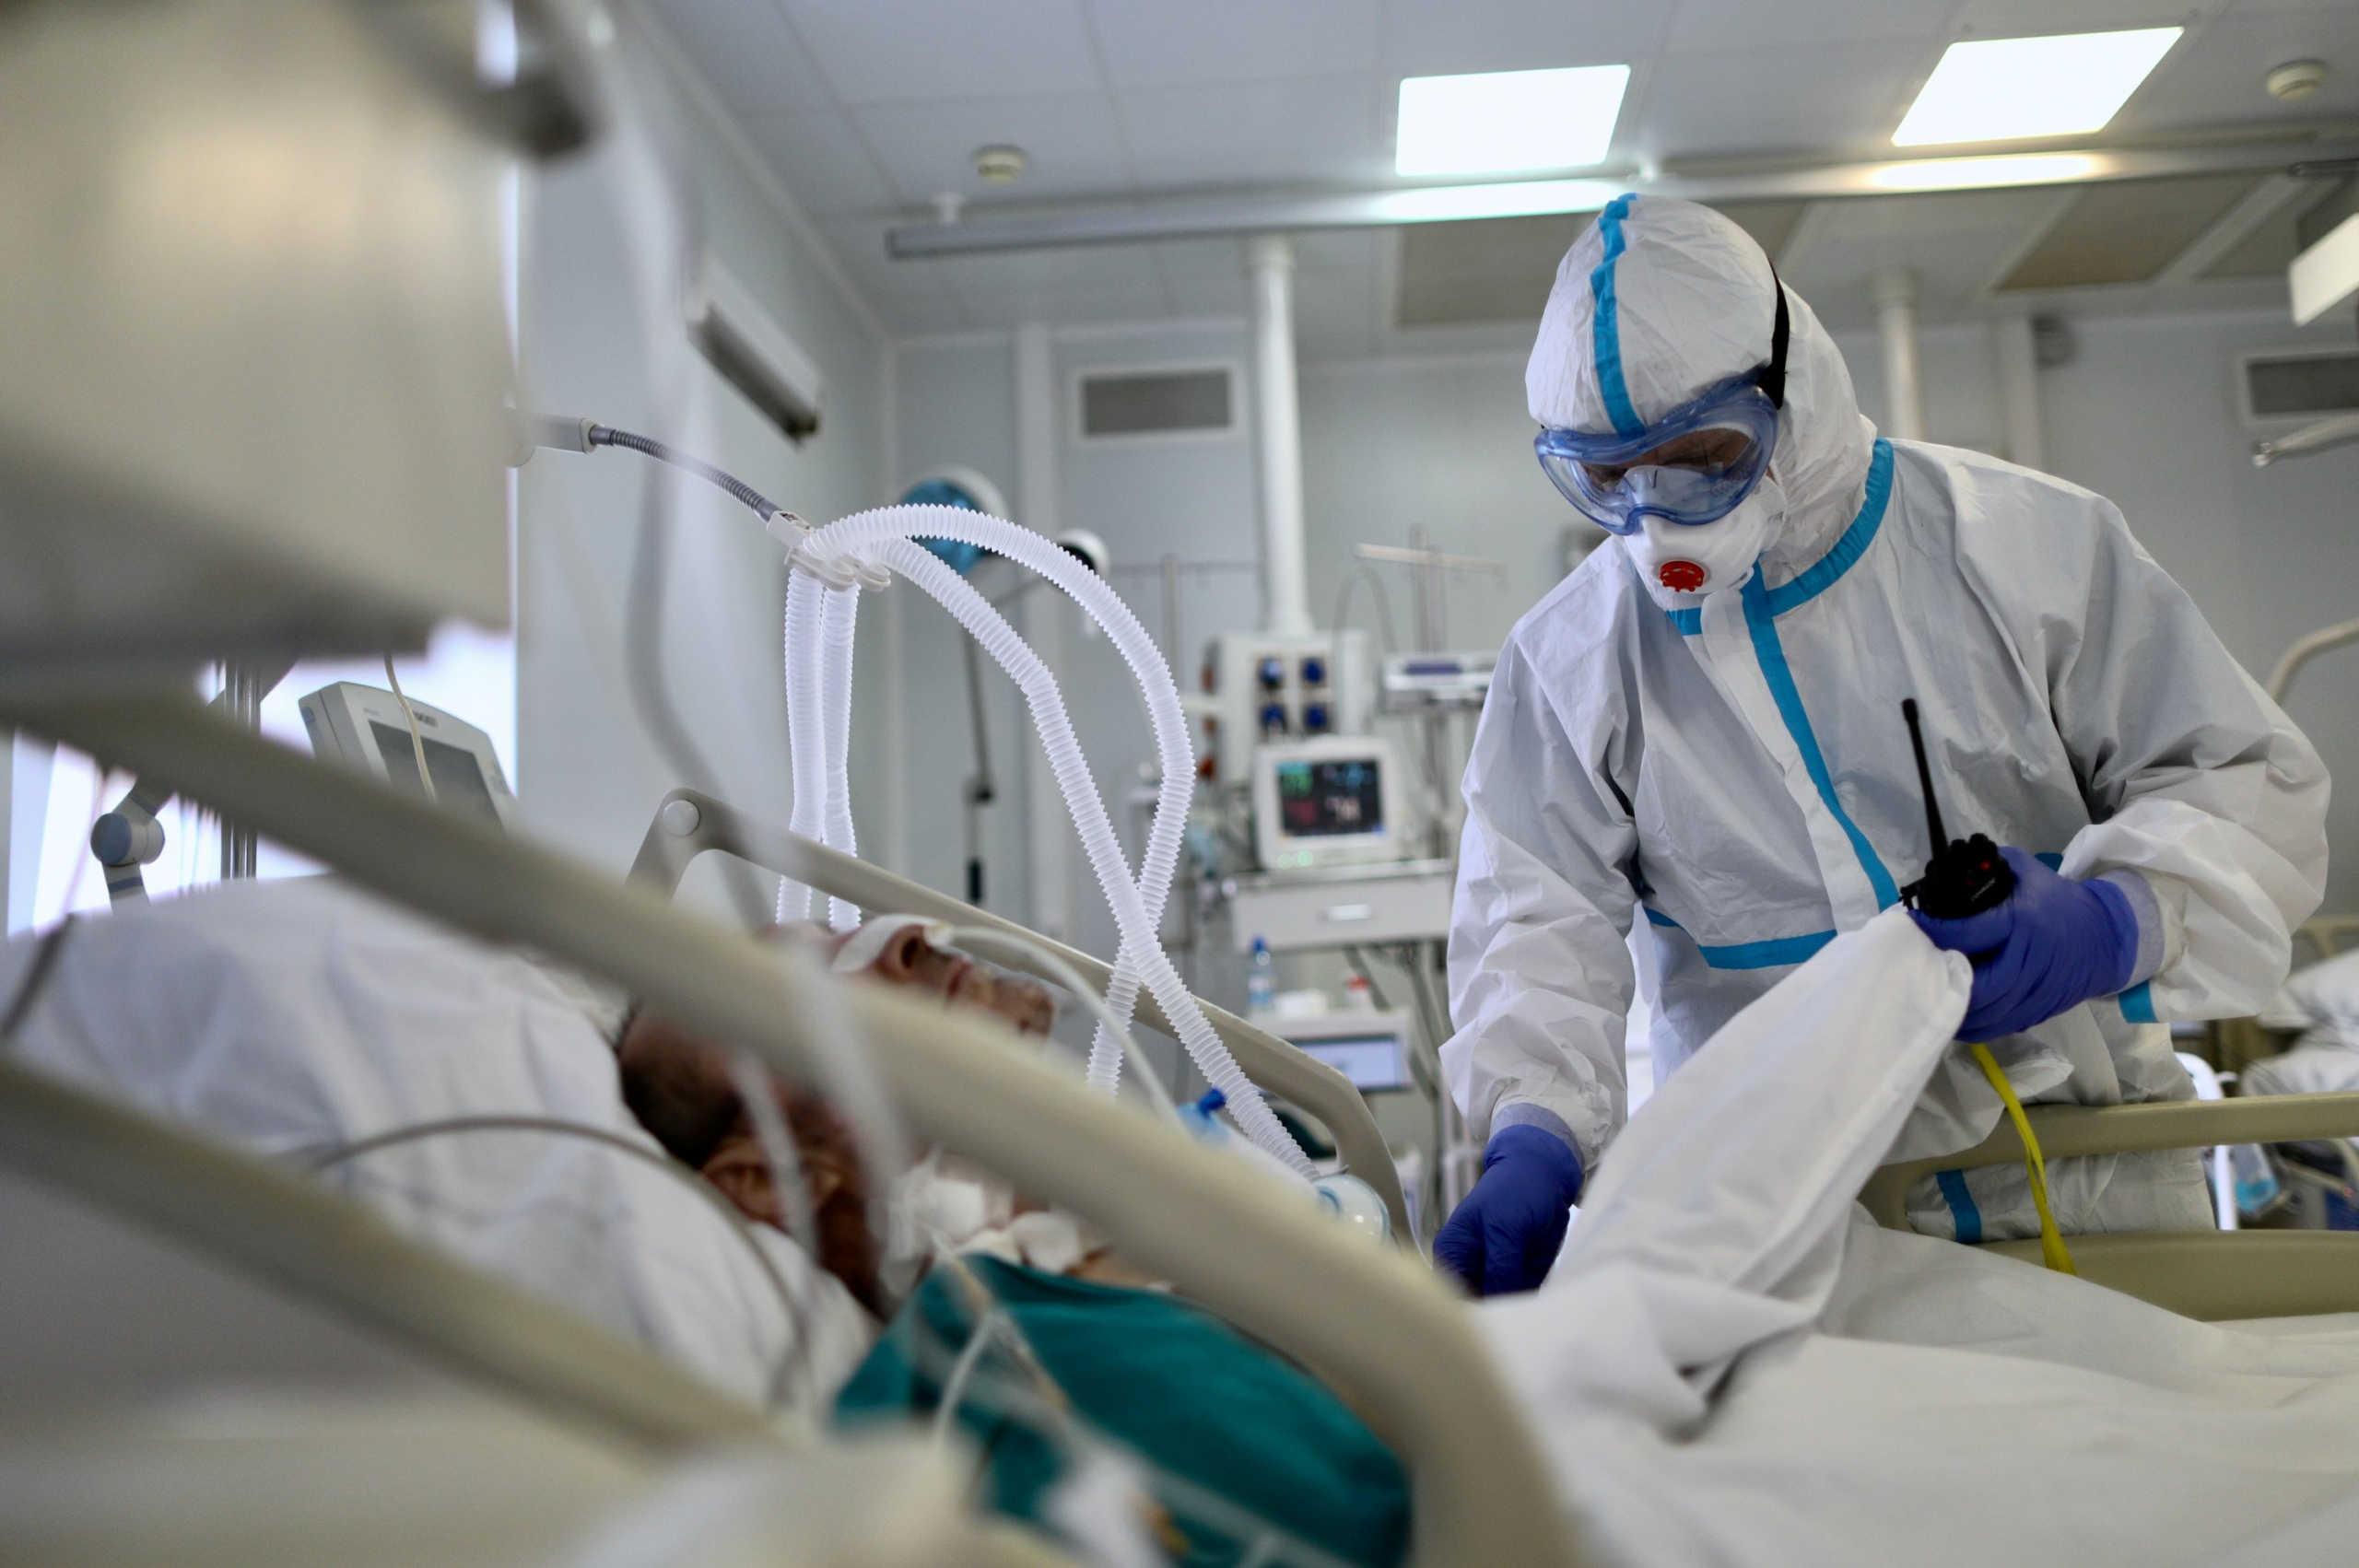 Κορονοϊός: Γιατί οι παχύσαρκοι κινδυνεύουν περισσότερο από τον φονικό ιό